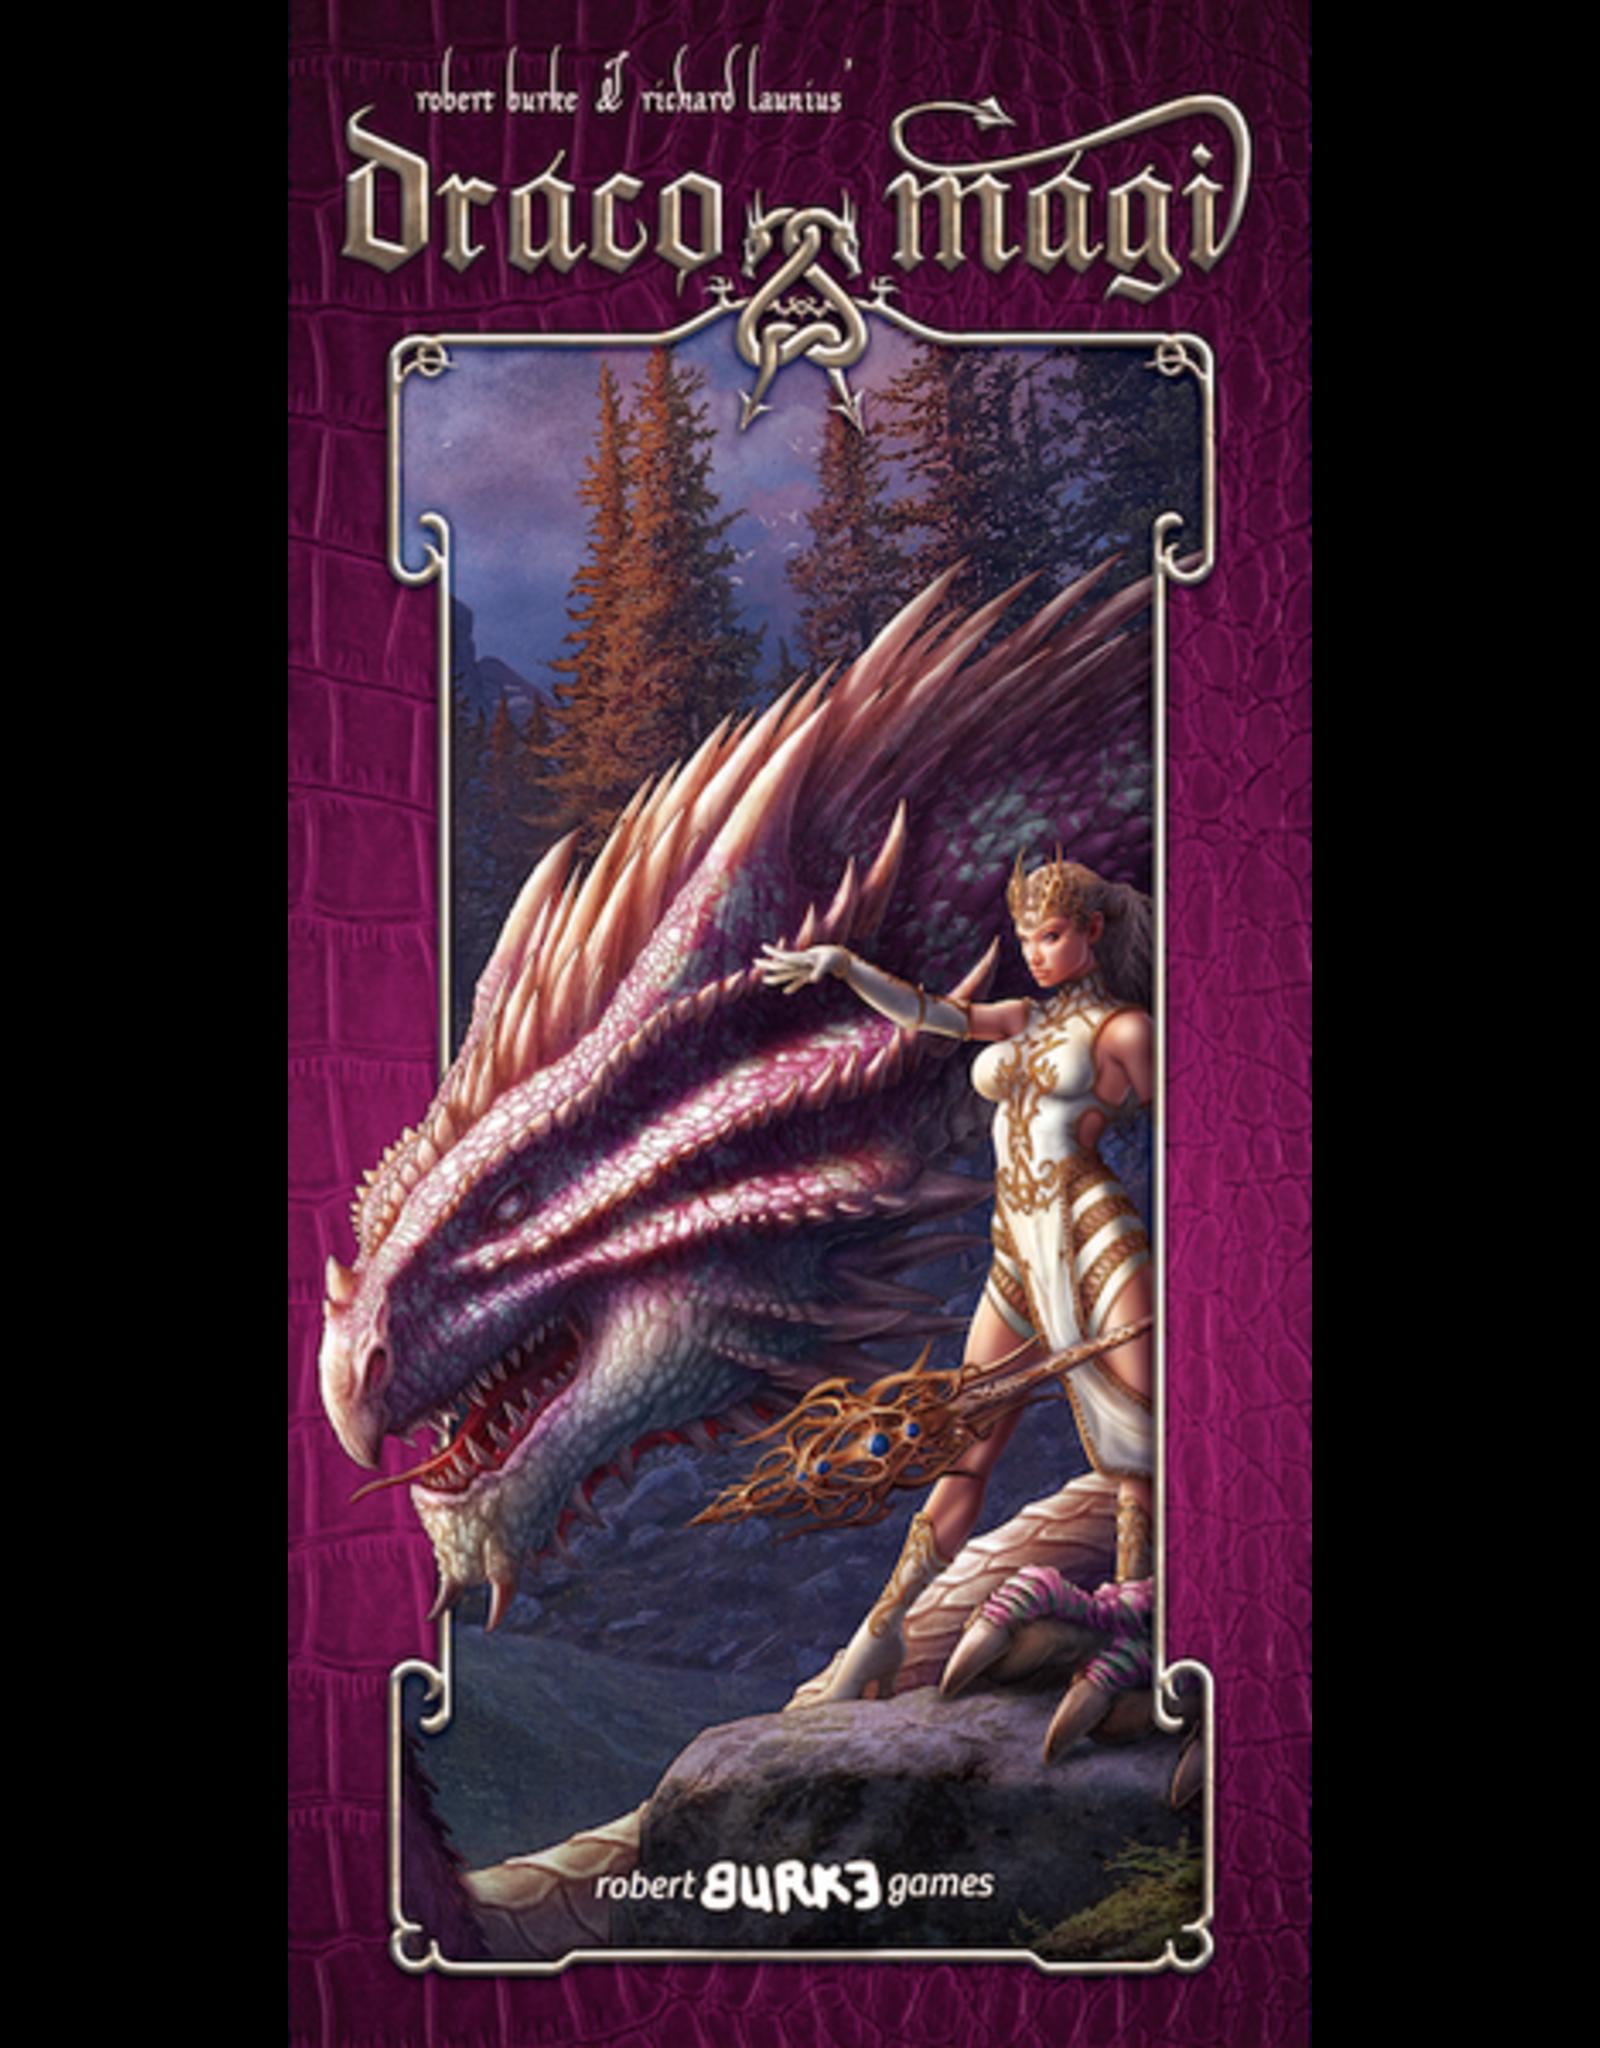 Robert Burke Games Draco Magi